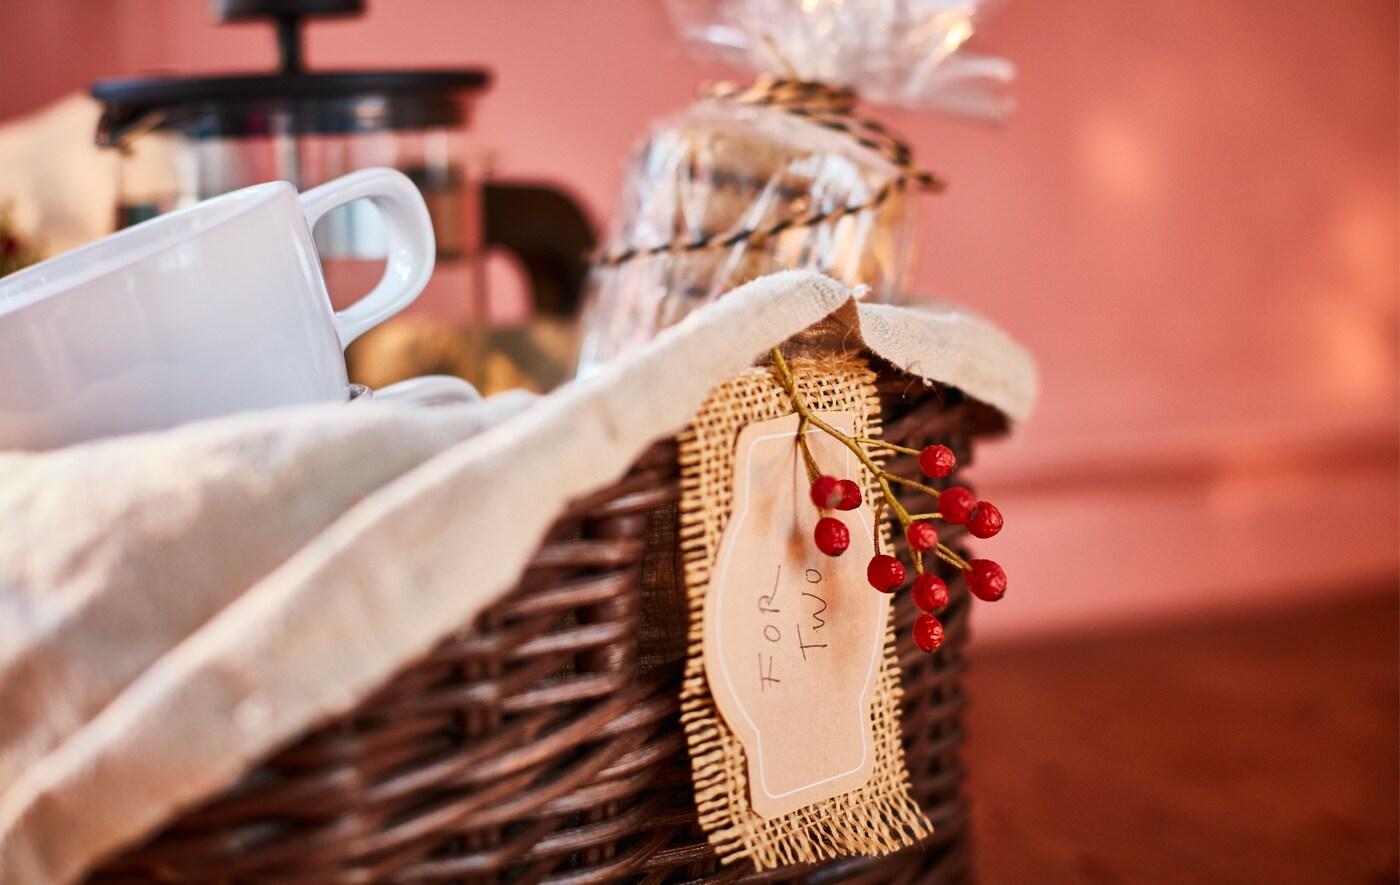 Nahaufnahme von einem Geschenk für Kreative, von einem Kaffeegeschenkkorb und von Handtüchern in einem Korb für Wellness zu Hause.